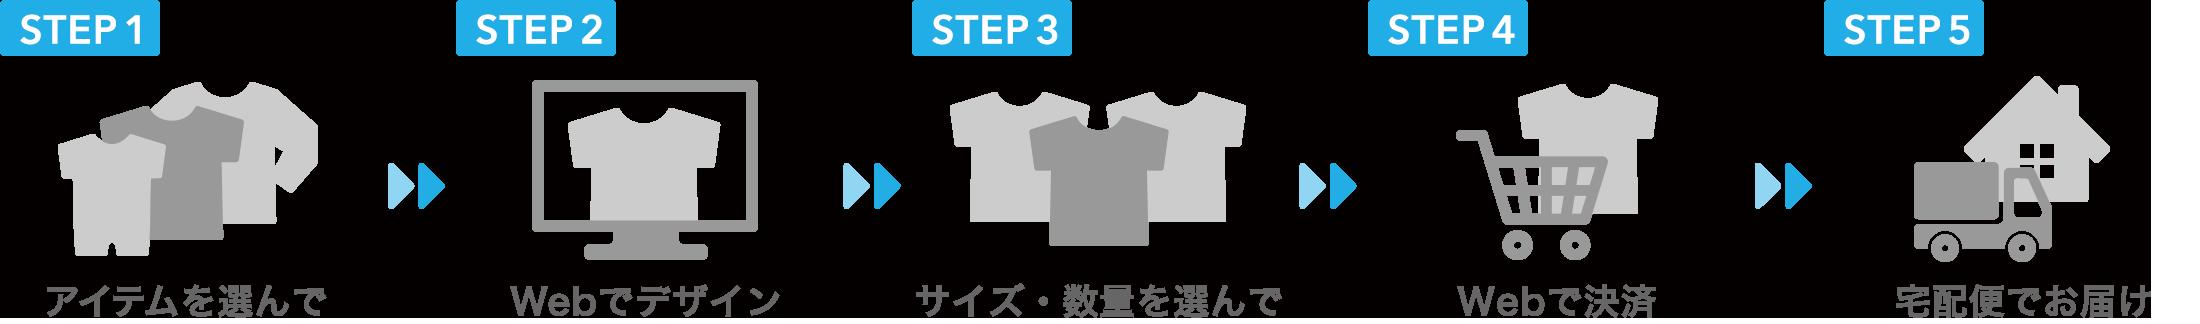 オリジナルTシャツお届けまでのステップ